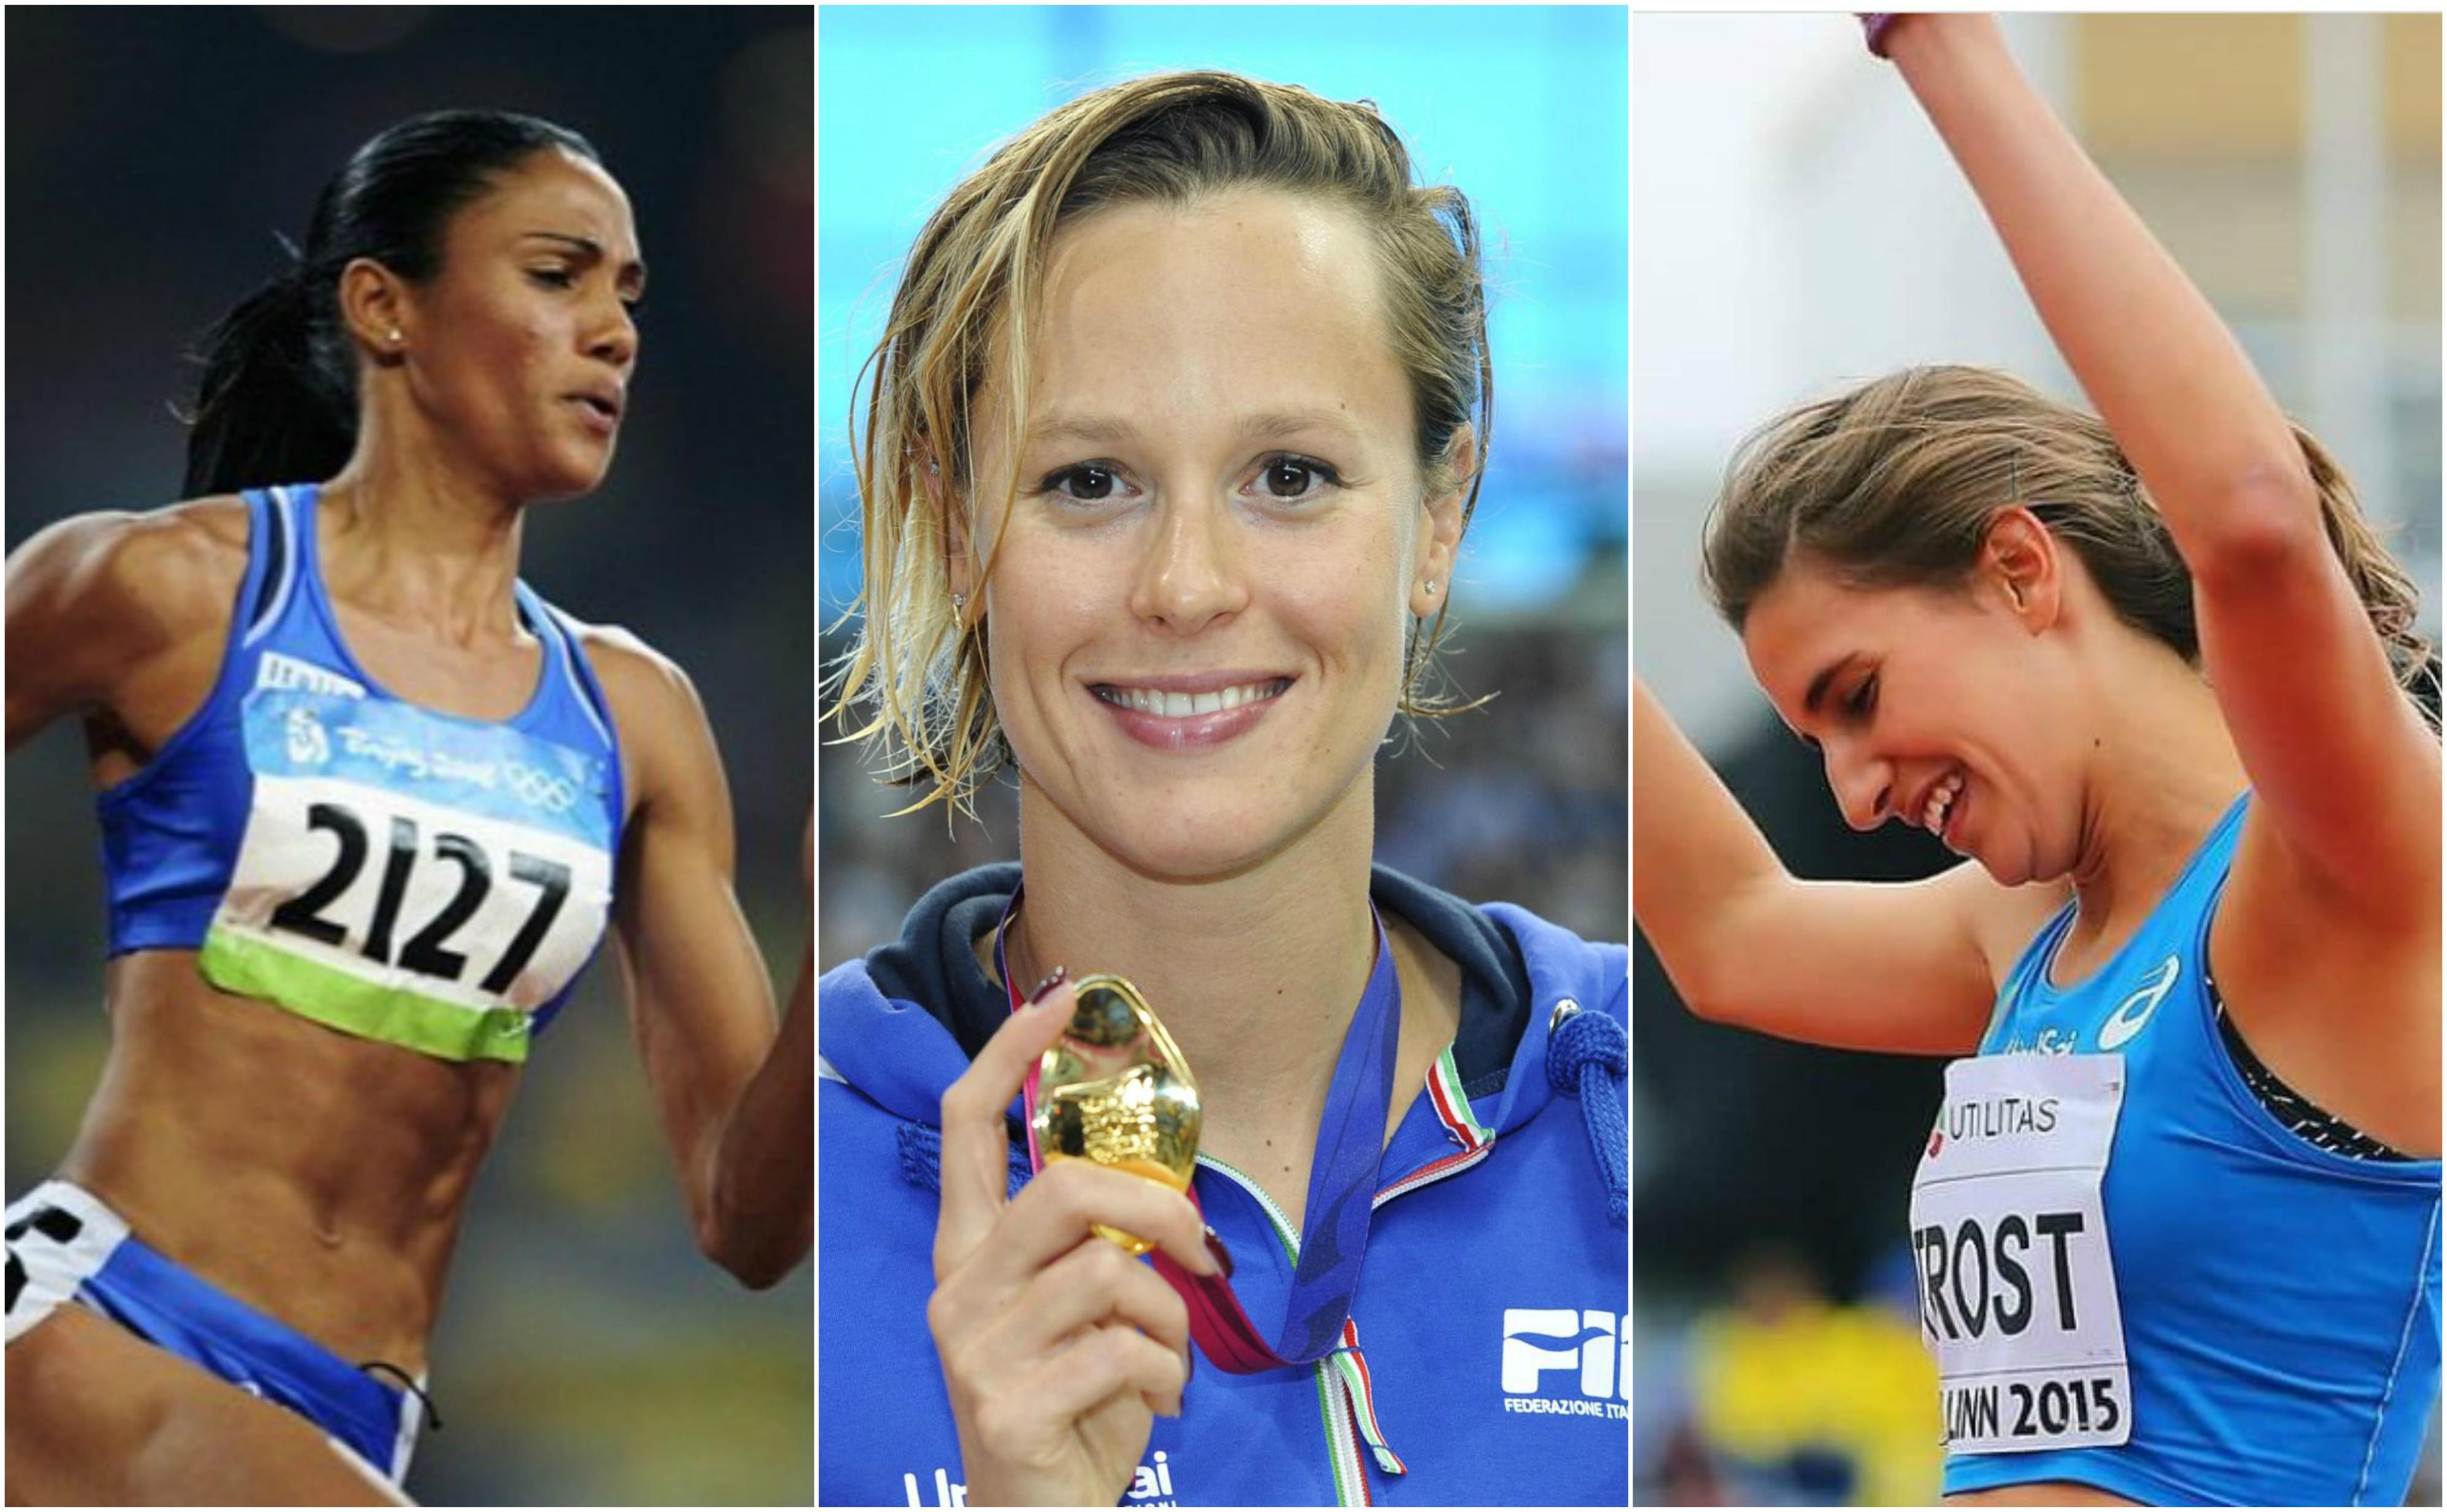 Dieta degli atleti di Rio 2016: l'alimentazione degli azzurri alle Olimpiadi